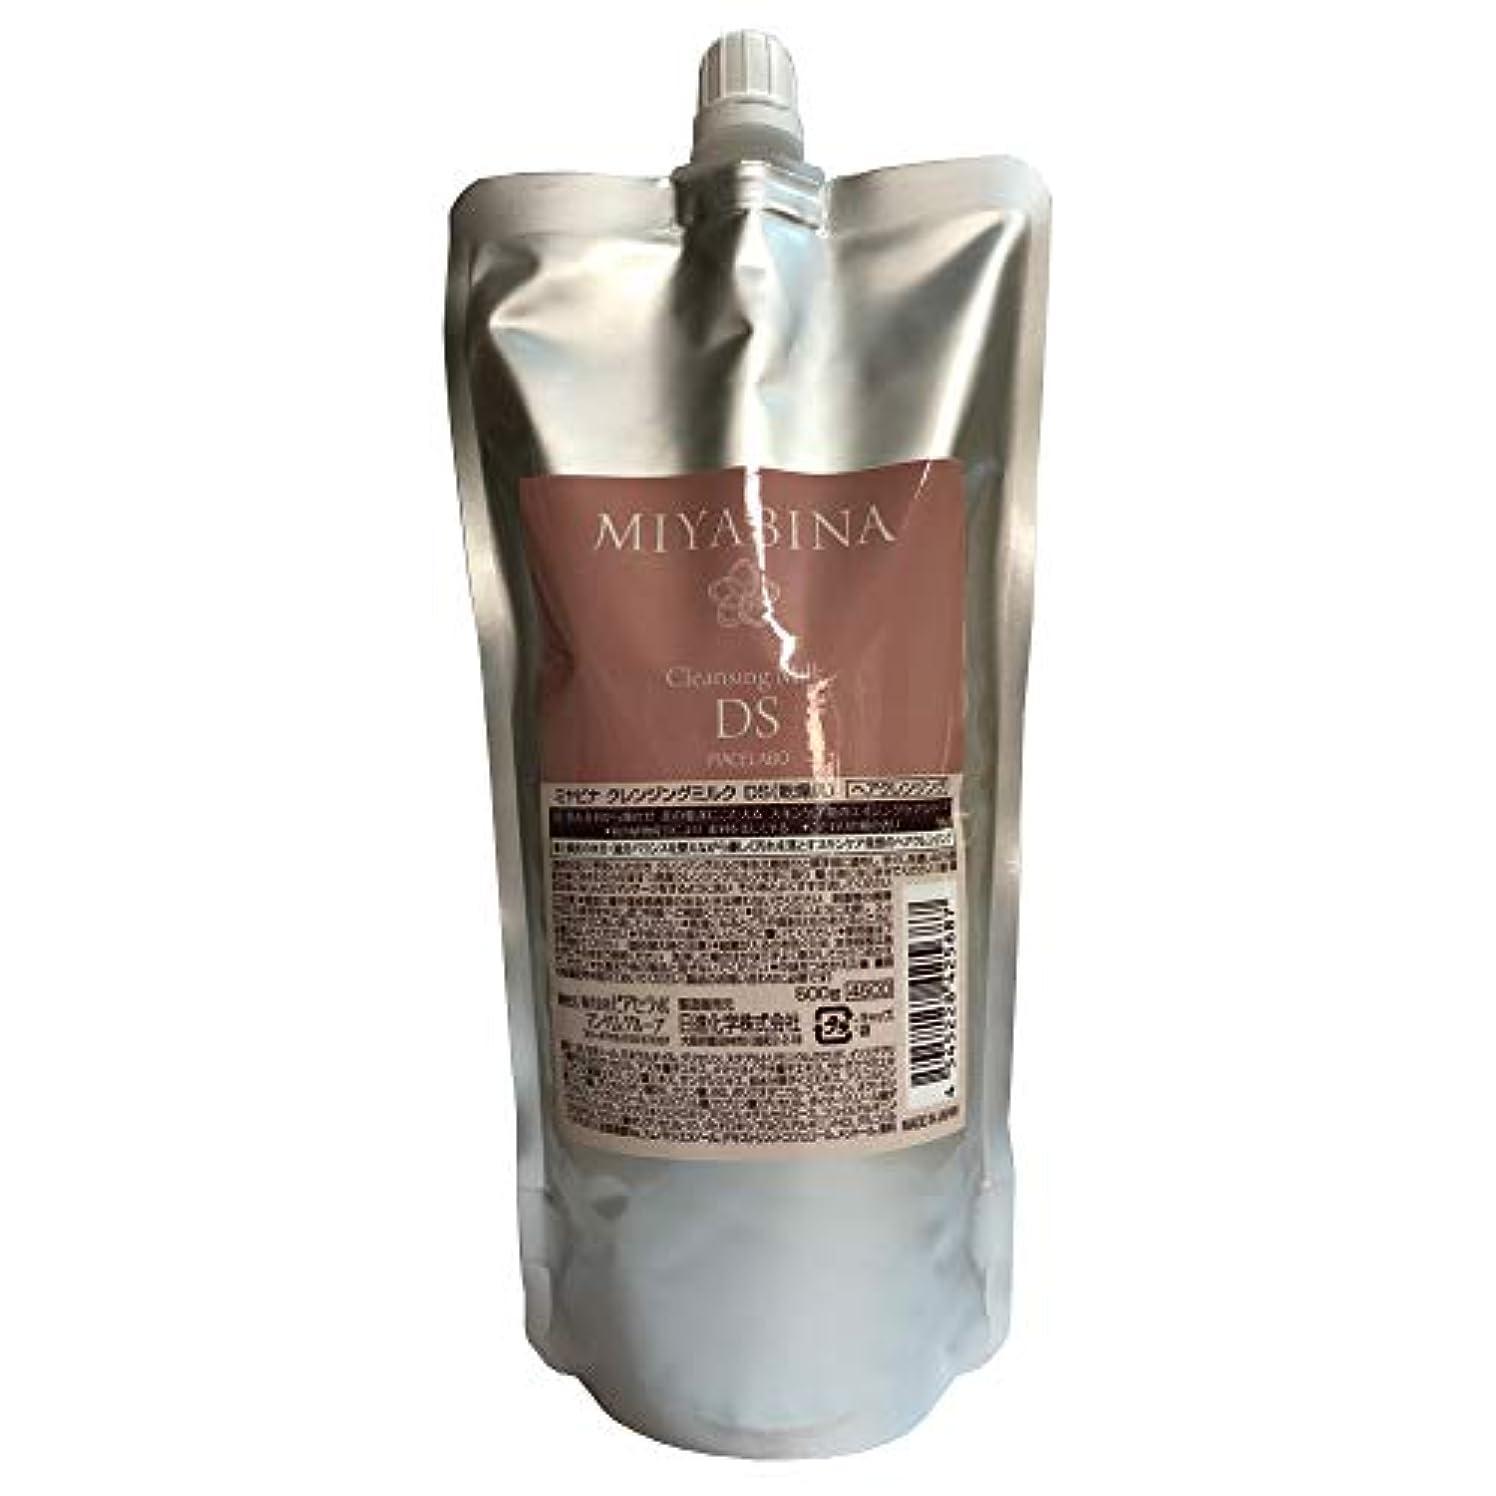 デイジー拮抗する姪ミヤビナ クレンジングミルク DS(乾燥肌) 500g レフィル(詰め替え)